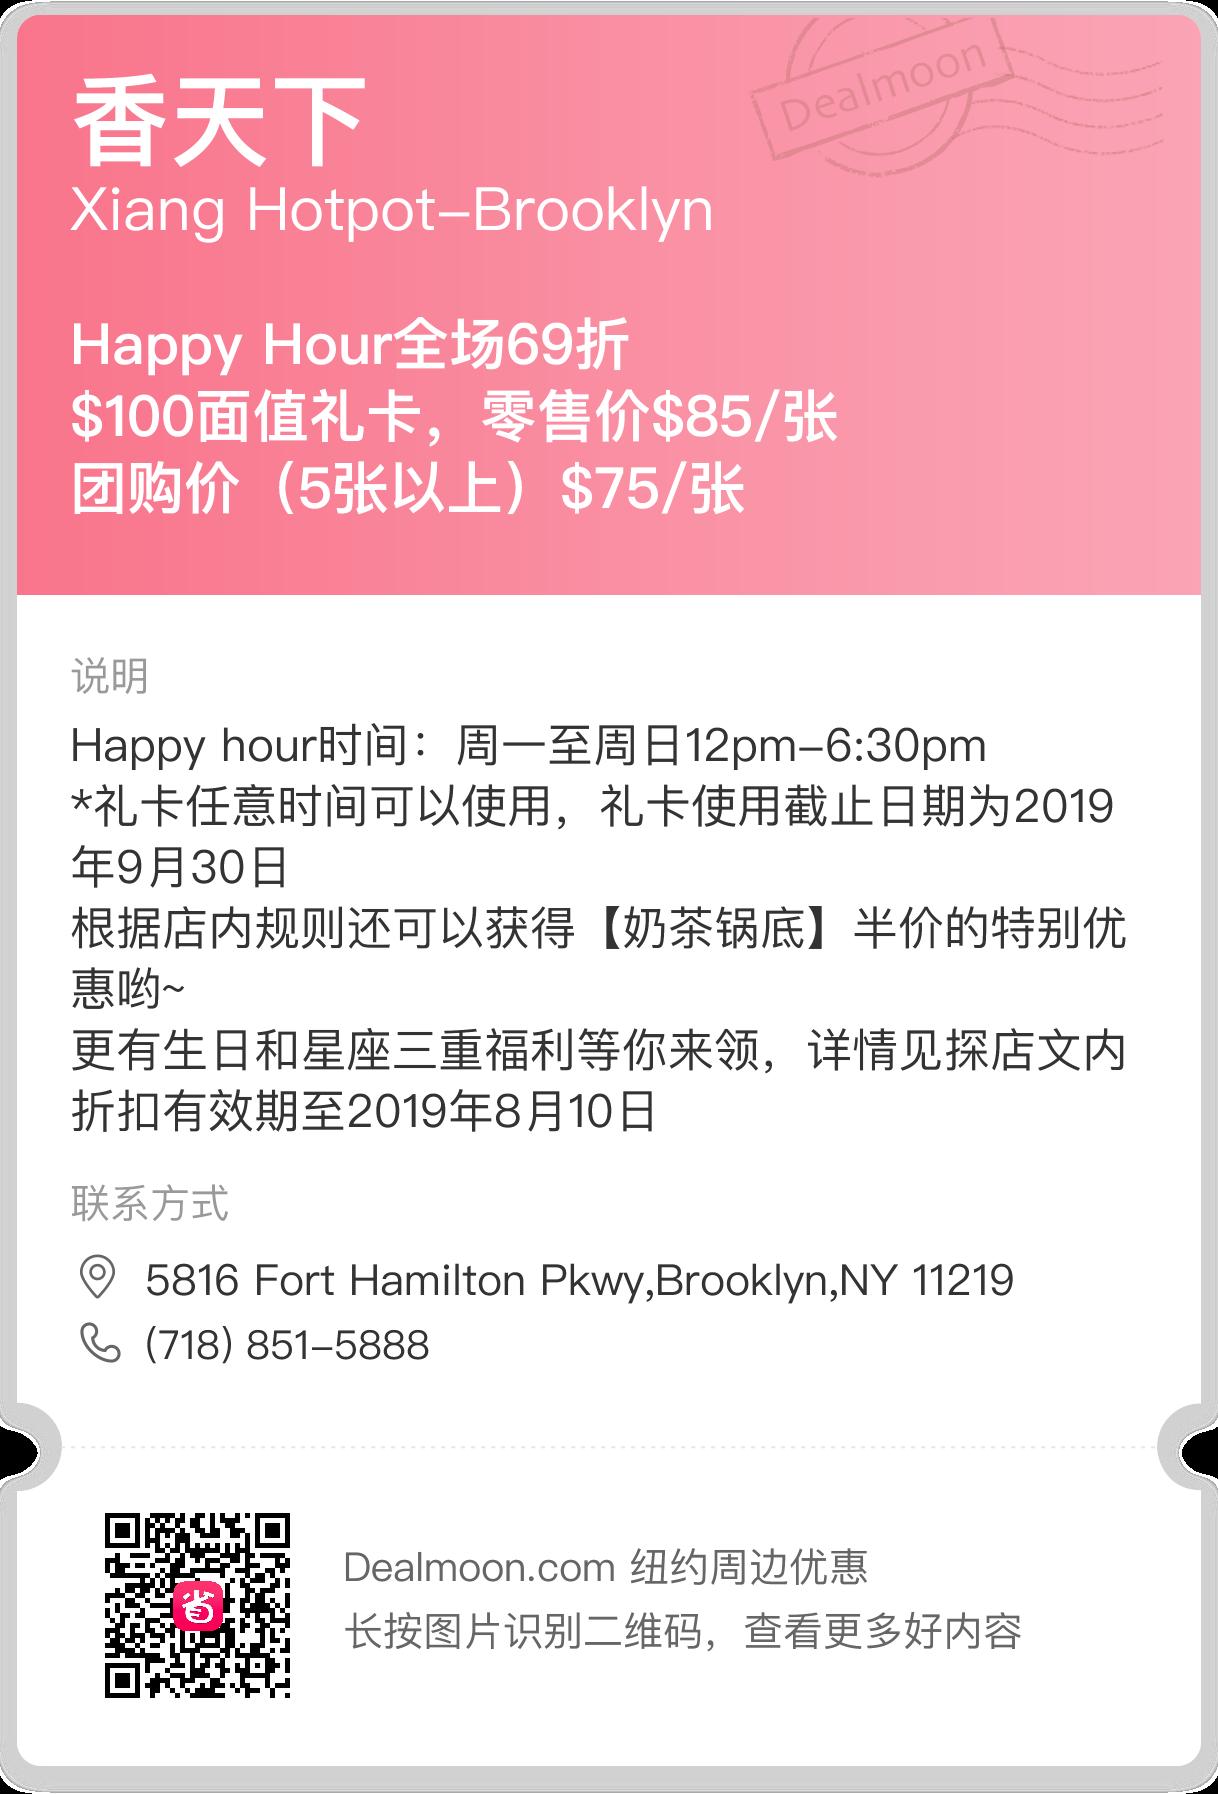 一起呀团购网登录_Happy Hour全场69折!礼卡低至75折!香天下(Brooklyn) 超人气网红火锅 ...